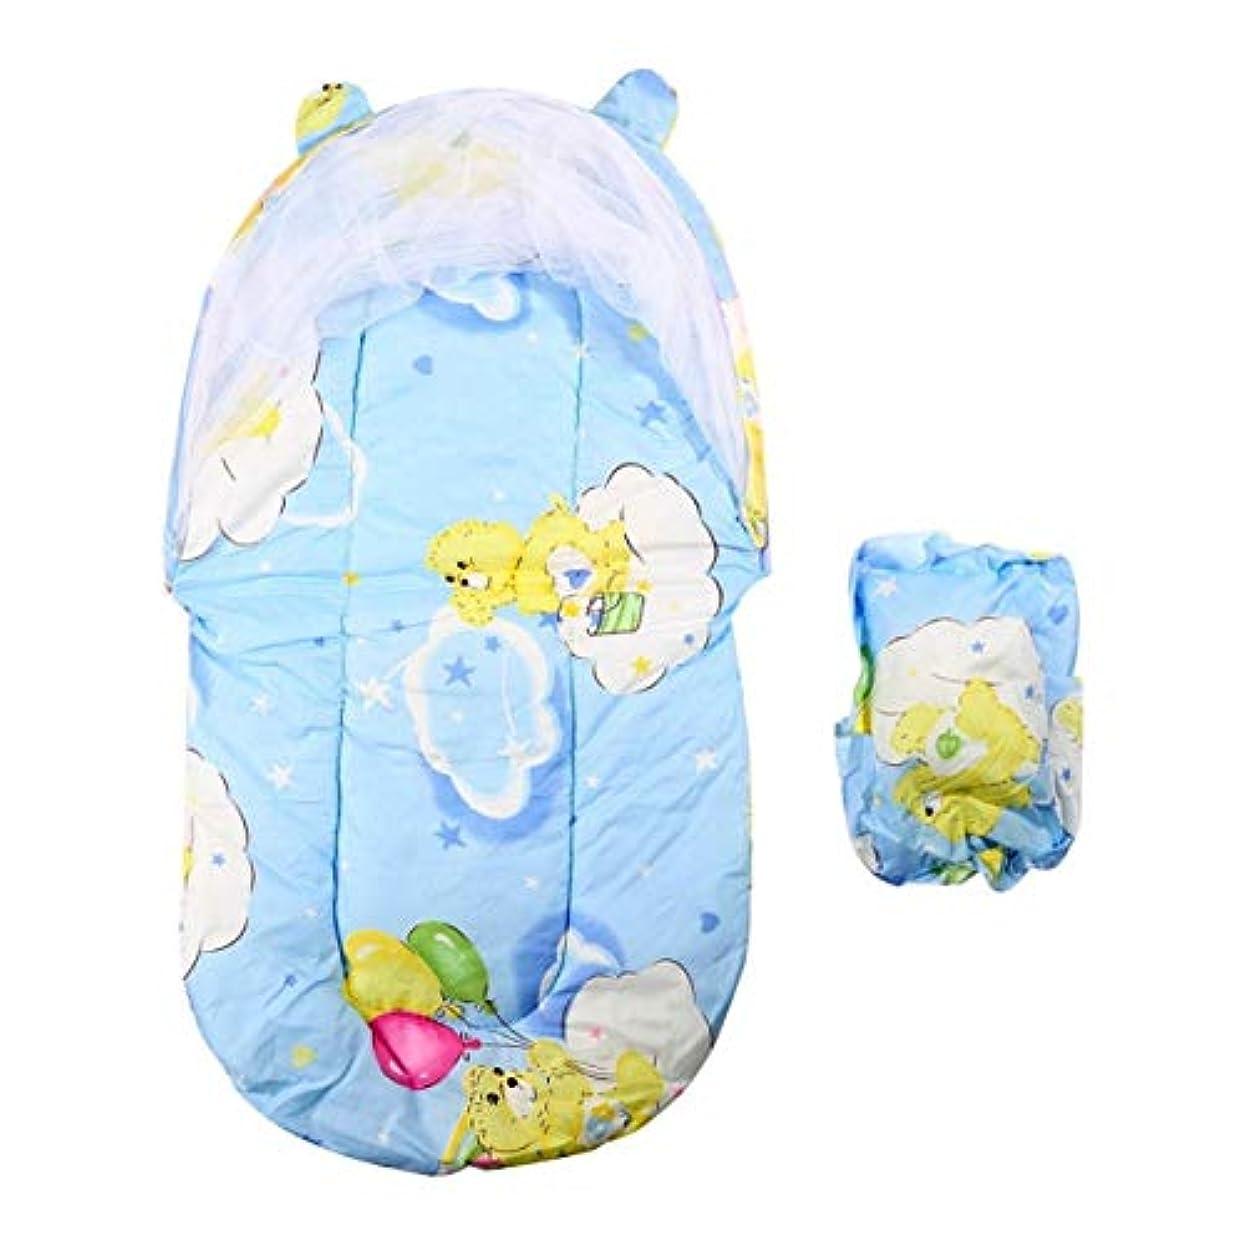 フラグラント特許風変わりなSaikogoods 折り畳み式の新しい赤ん坊の綿パッド入りマットレス幼児枕ベッド蚊帳テントはキッズベビーベッドアクセサリーハングドームフロアスタンド 青